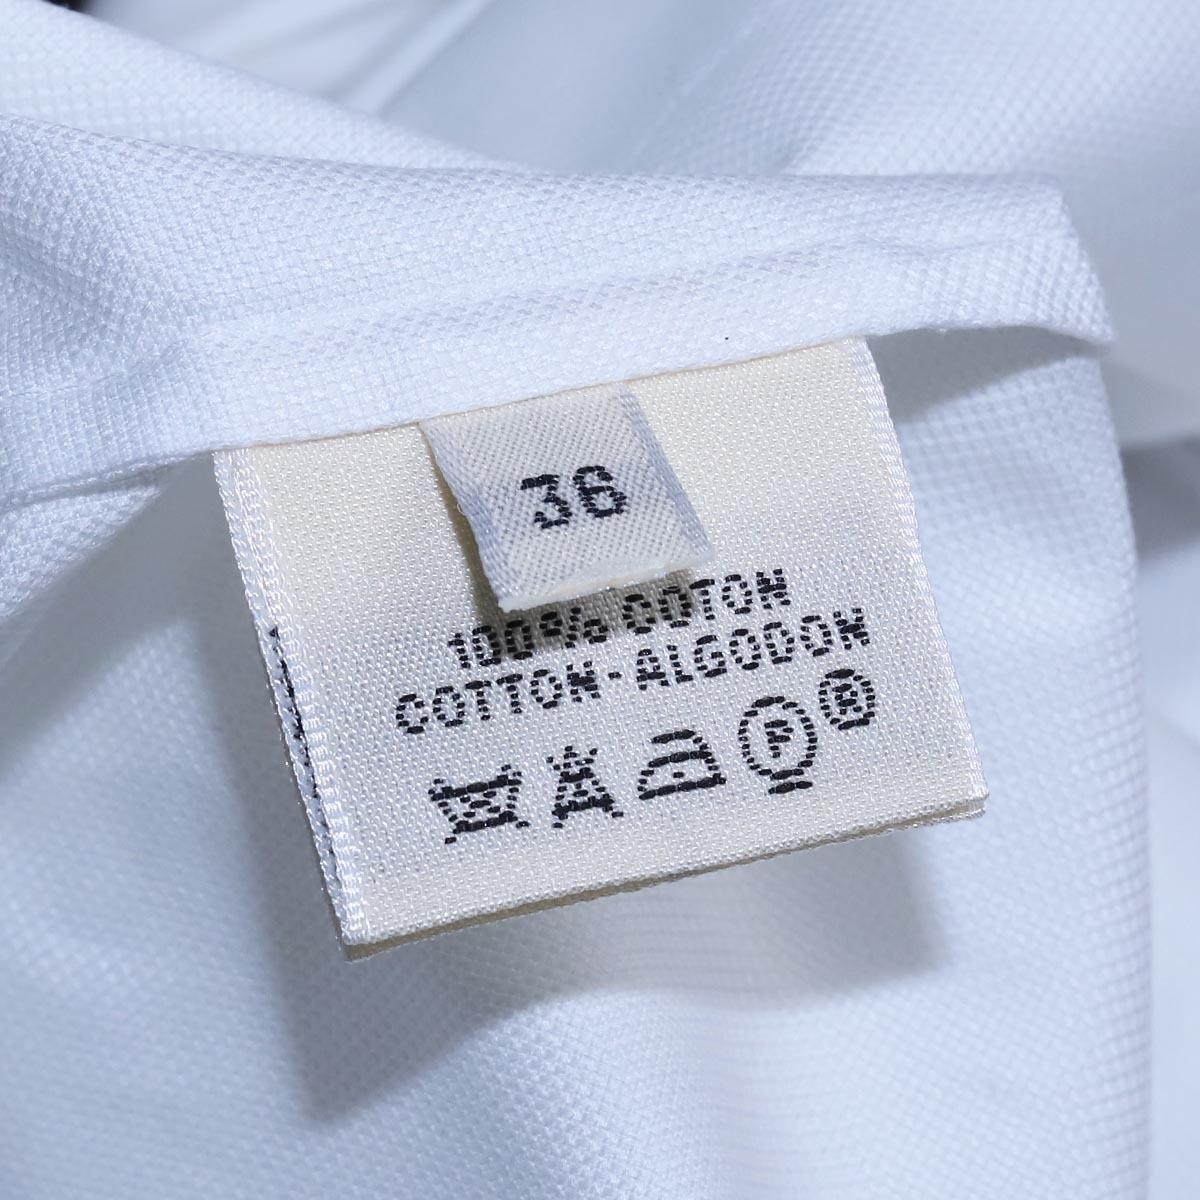 本物 エルメス 極希少 マルジェラ期 シェル釦 ポケット付きノースリーブシャツ サイズ36 ホワイト トップス ベスト ブラウス HERMES_画像7